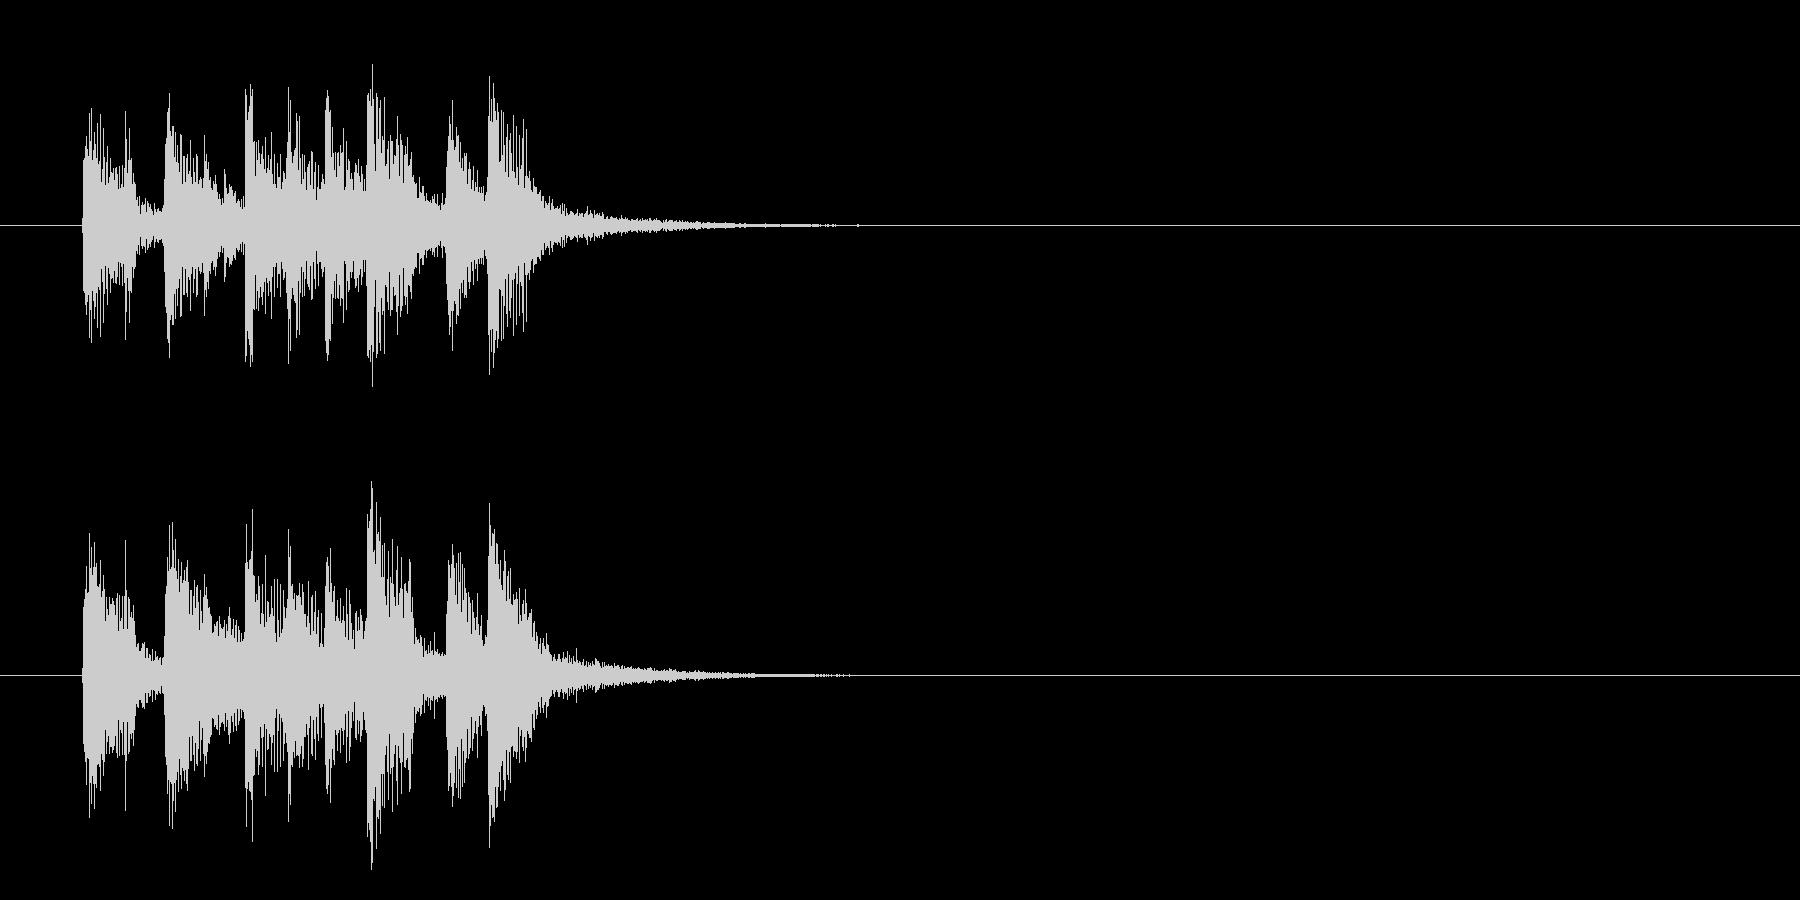 ジングル(爽やかなポップス)の未再生の波形